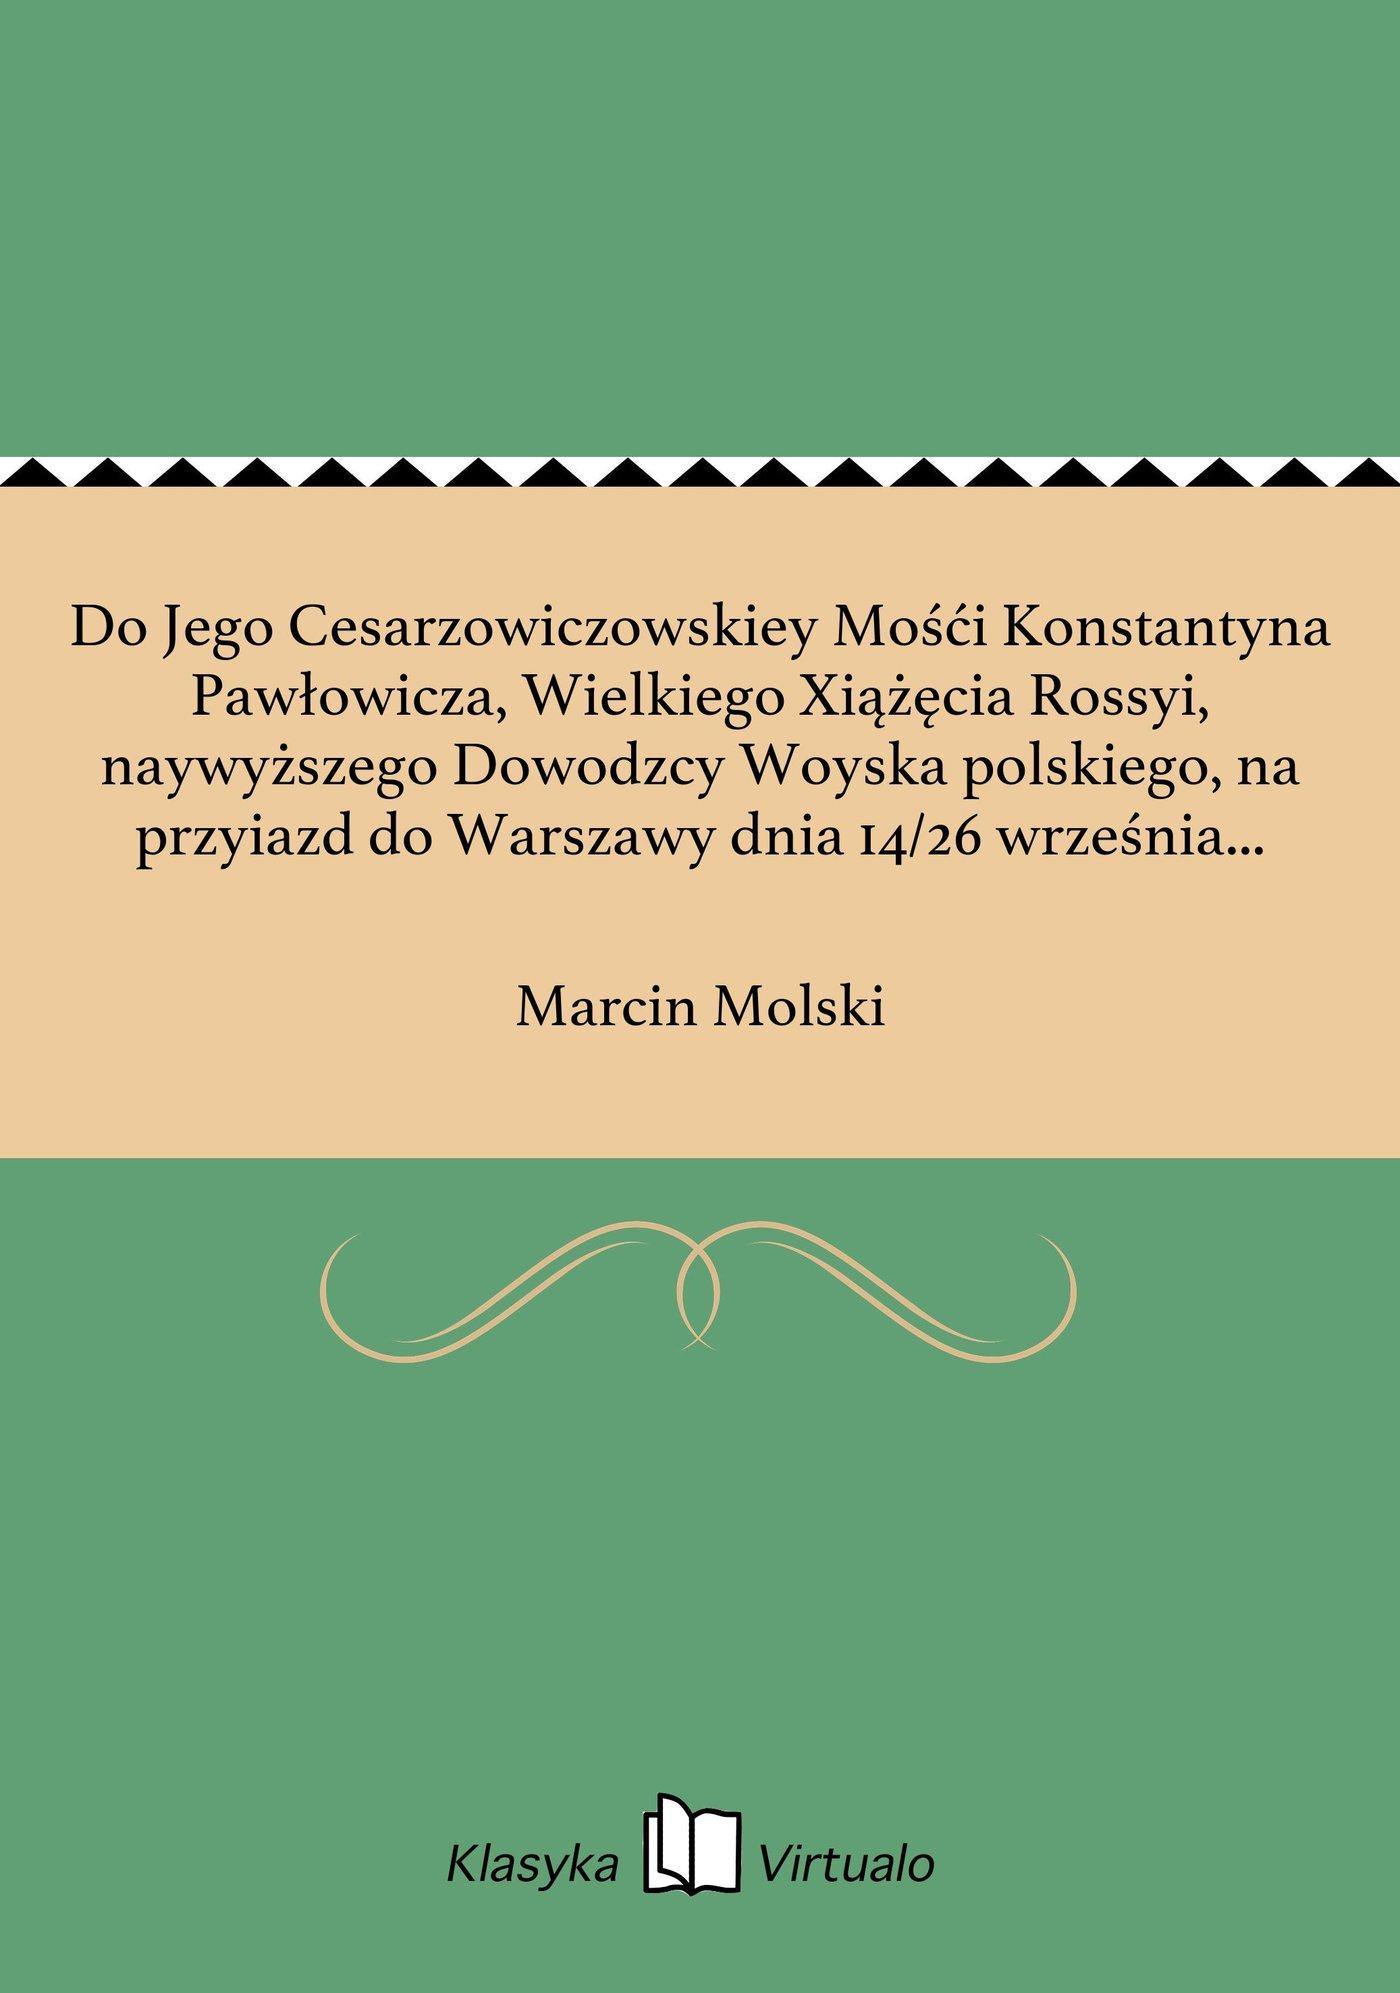 Do Jego Cesarzowiczowskiey Mośći Konstantyna Pawłowicza, Wielkiego Xiążęcia Rossyi, naywyższego Dowodzcy Woyska polskiego, na przyiazd do Warszawy dnia 14/26 września 1814 roku - Ebook (Książka EPUB) do pobrania w formacie EPUB